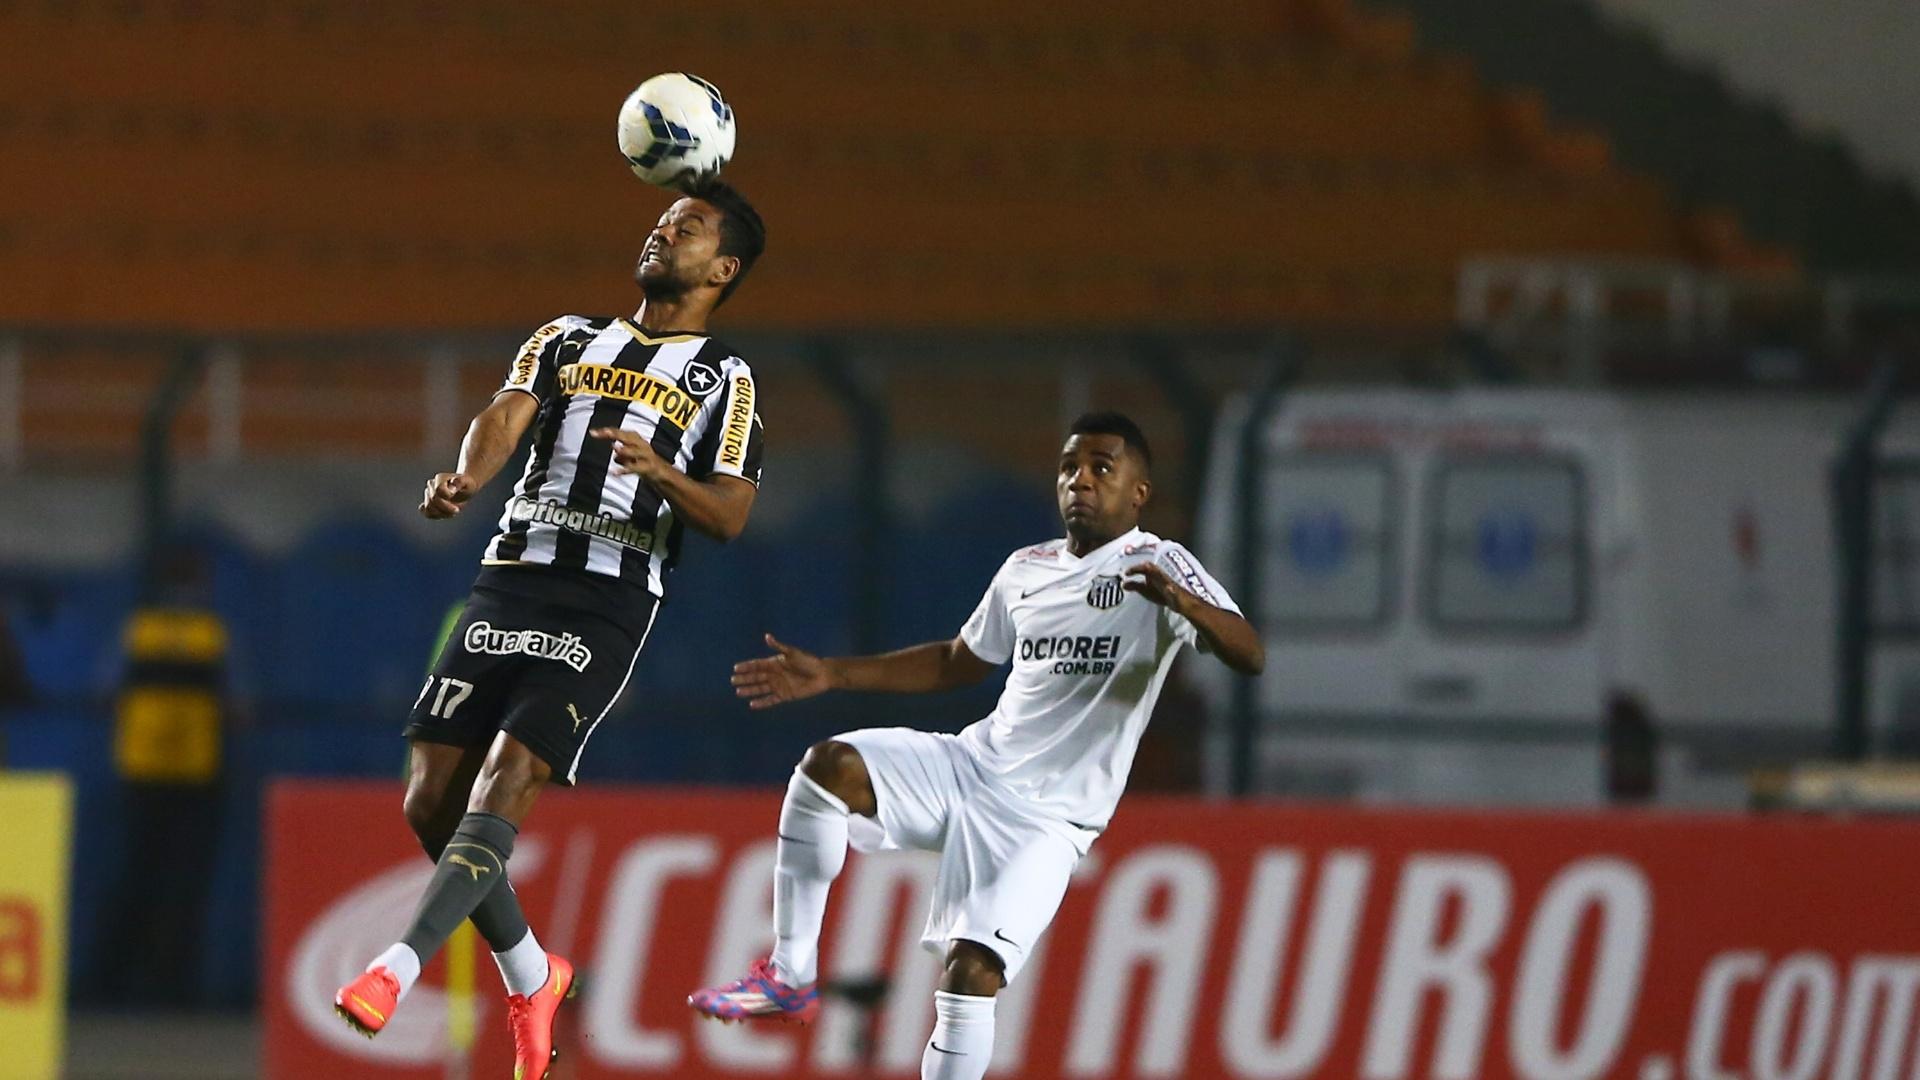 Wallyson sobe de cabeça na bola para tentar fazer a jogada para o Botafogo contra o Santos, pela Copa do Brasil